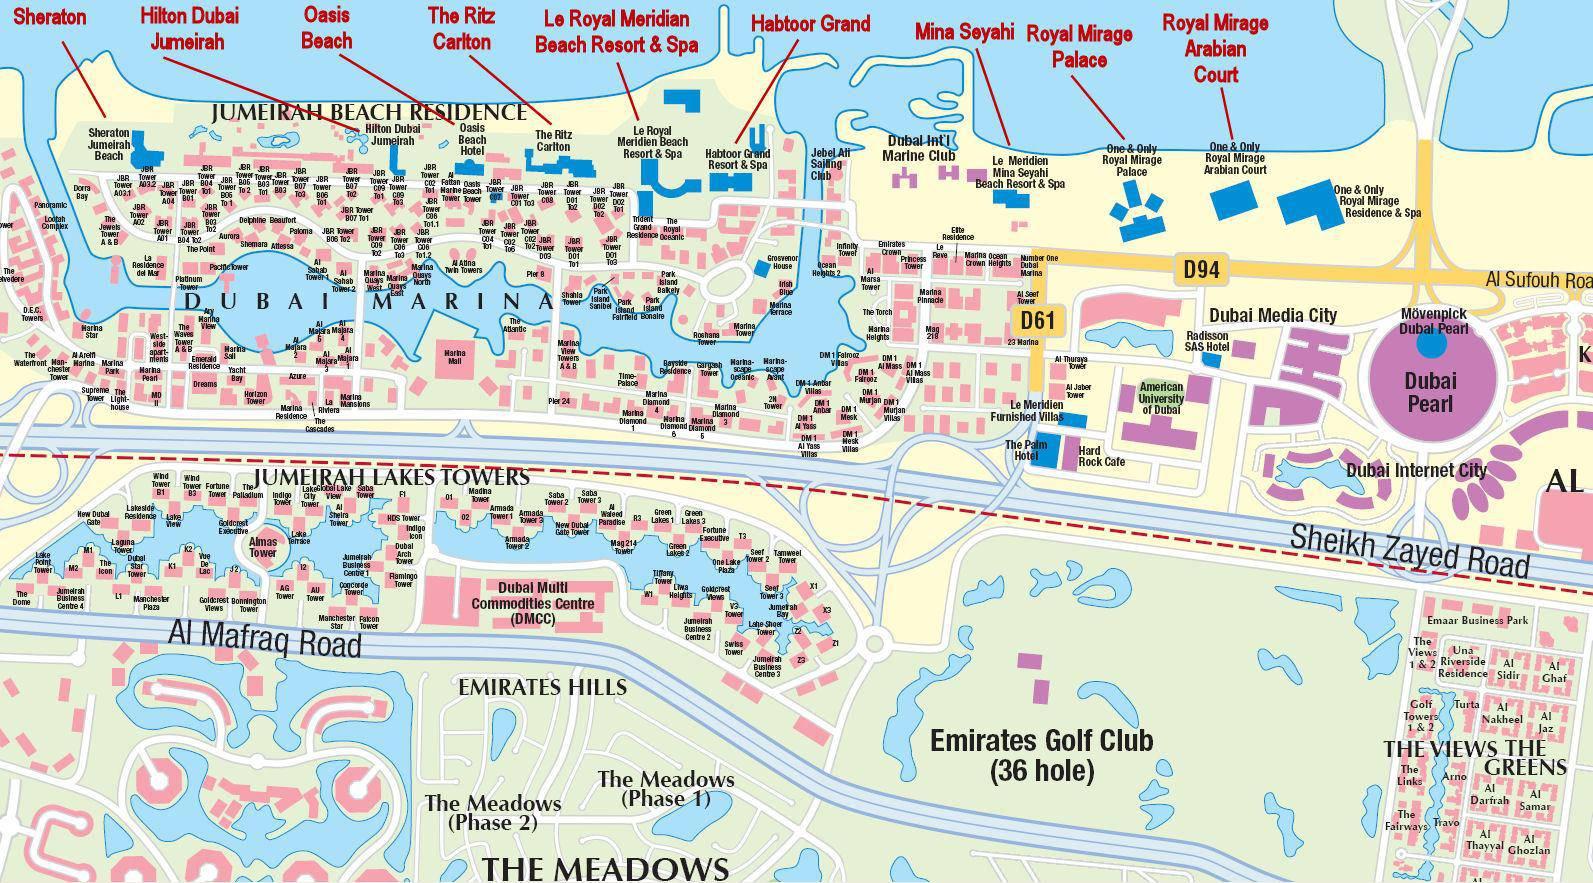 дубай карта отелей джумейра